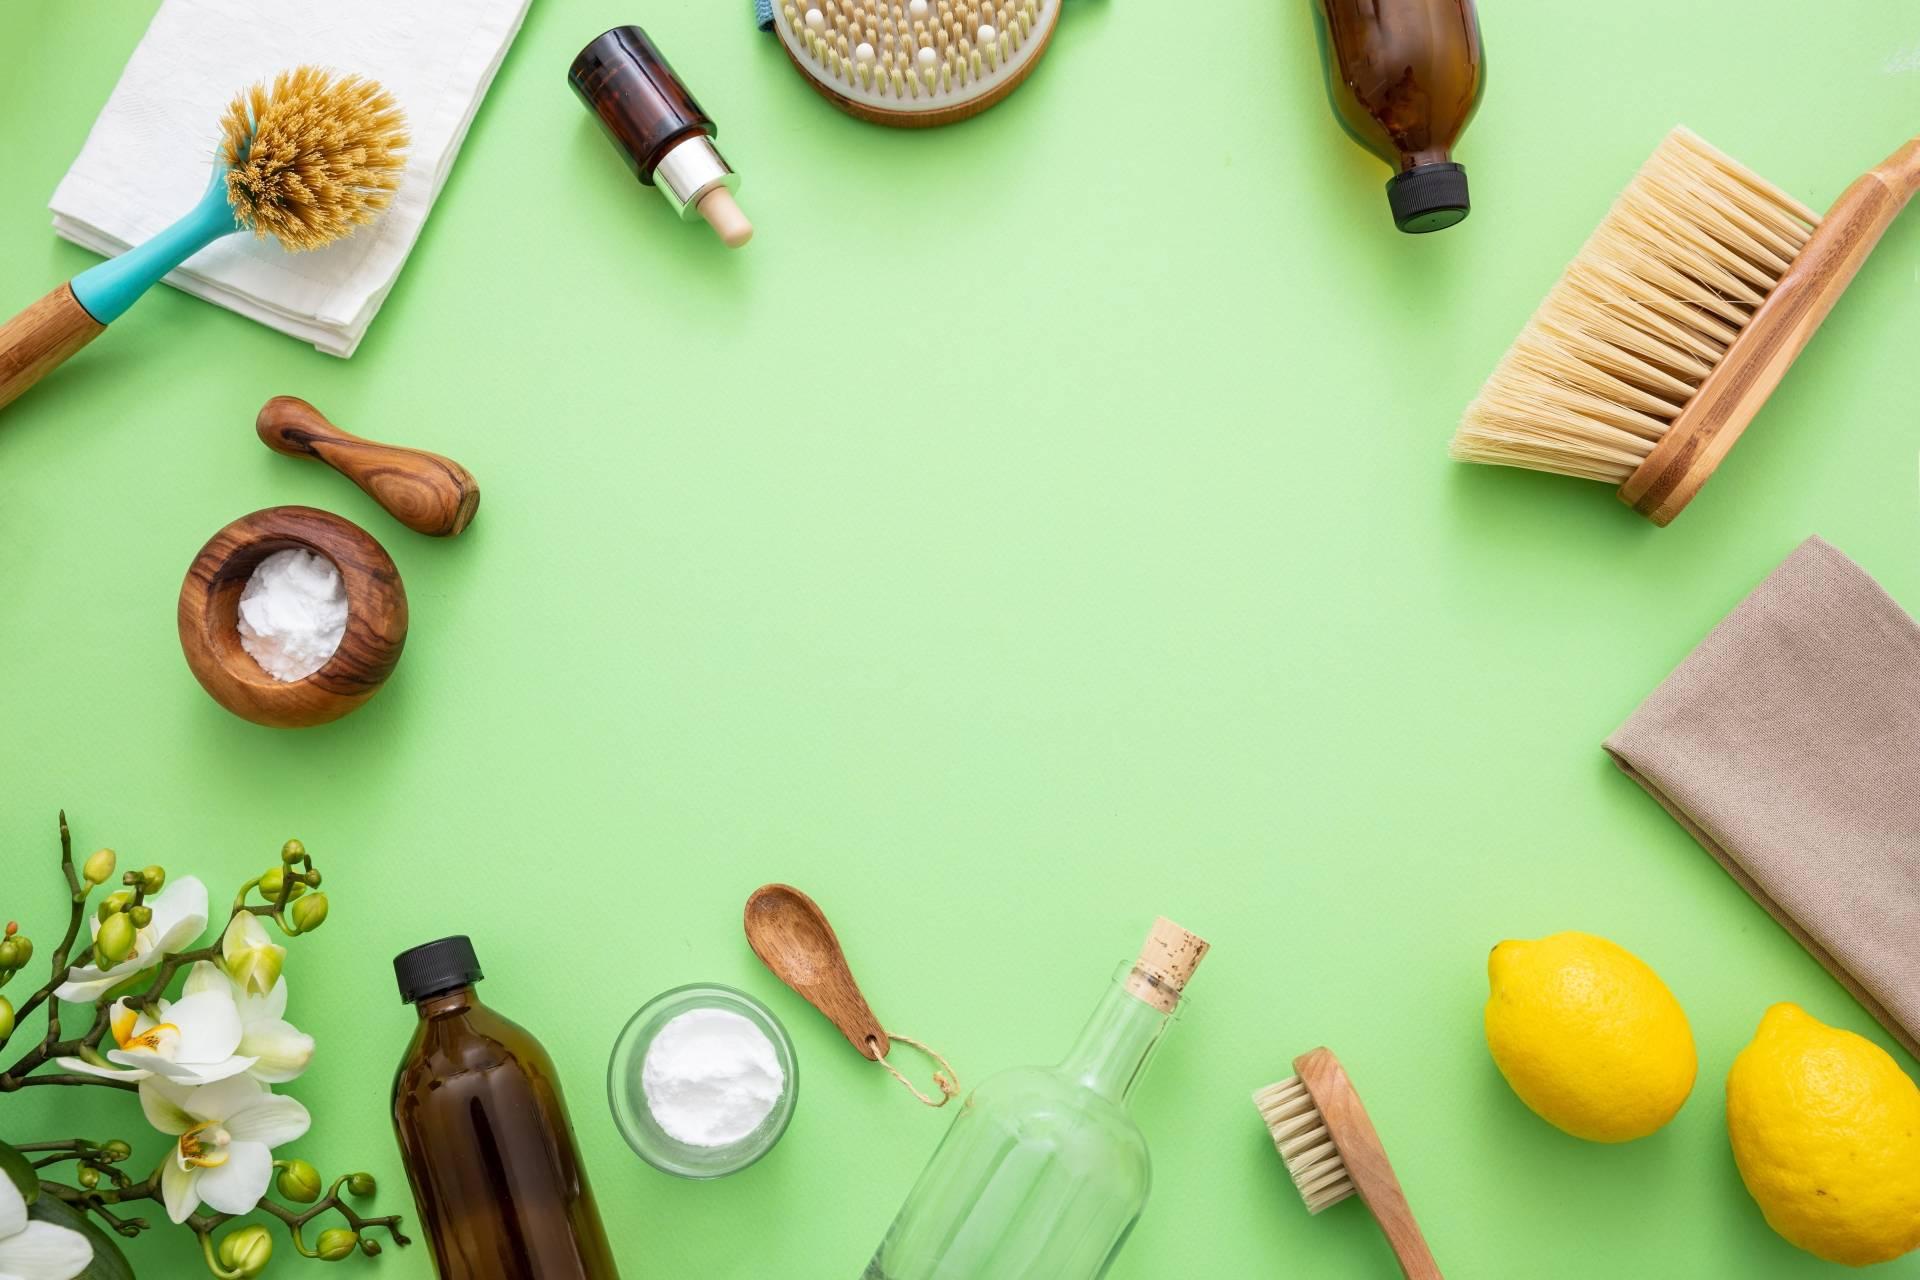 Ekologiczne środki czystości - jak je zrobić samemu? Kompozycja szczotek i środków czystości na zielonym tle.